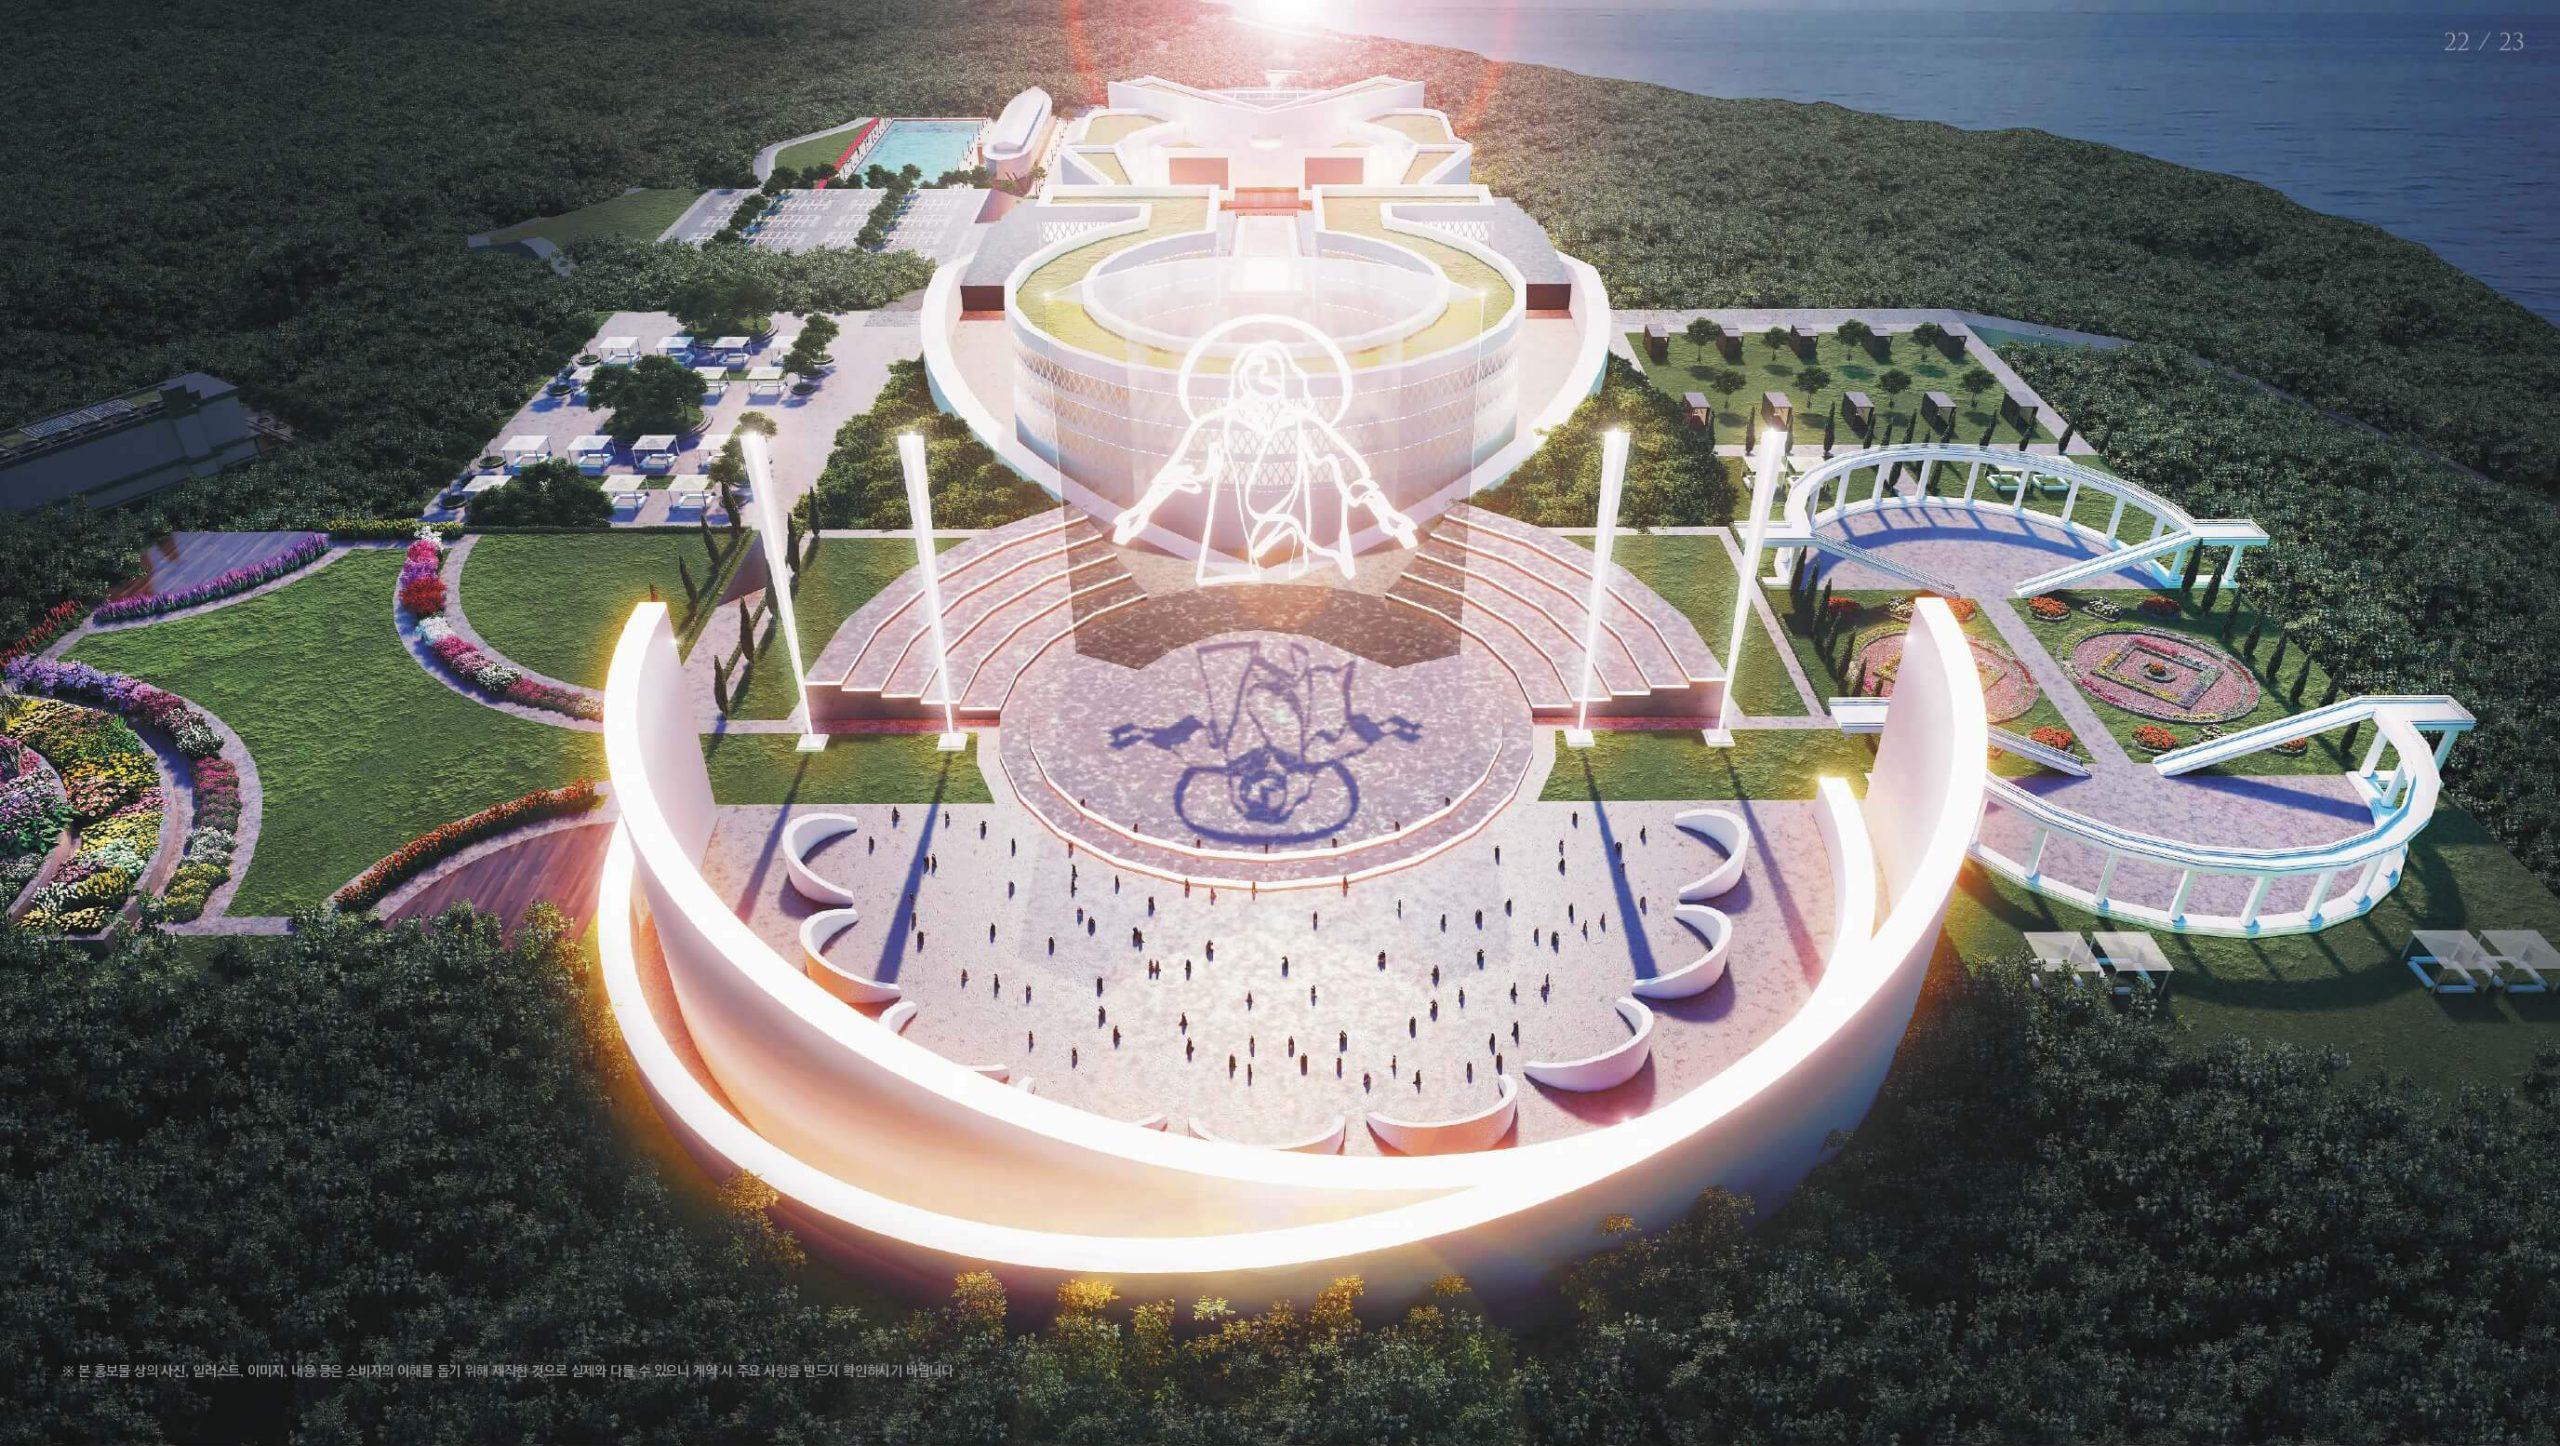 한국기독교성지문화원 빛과 부활의 전당 이미지 (1)